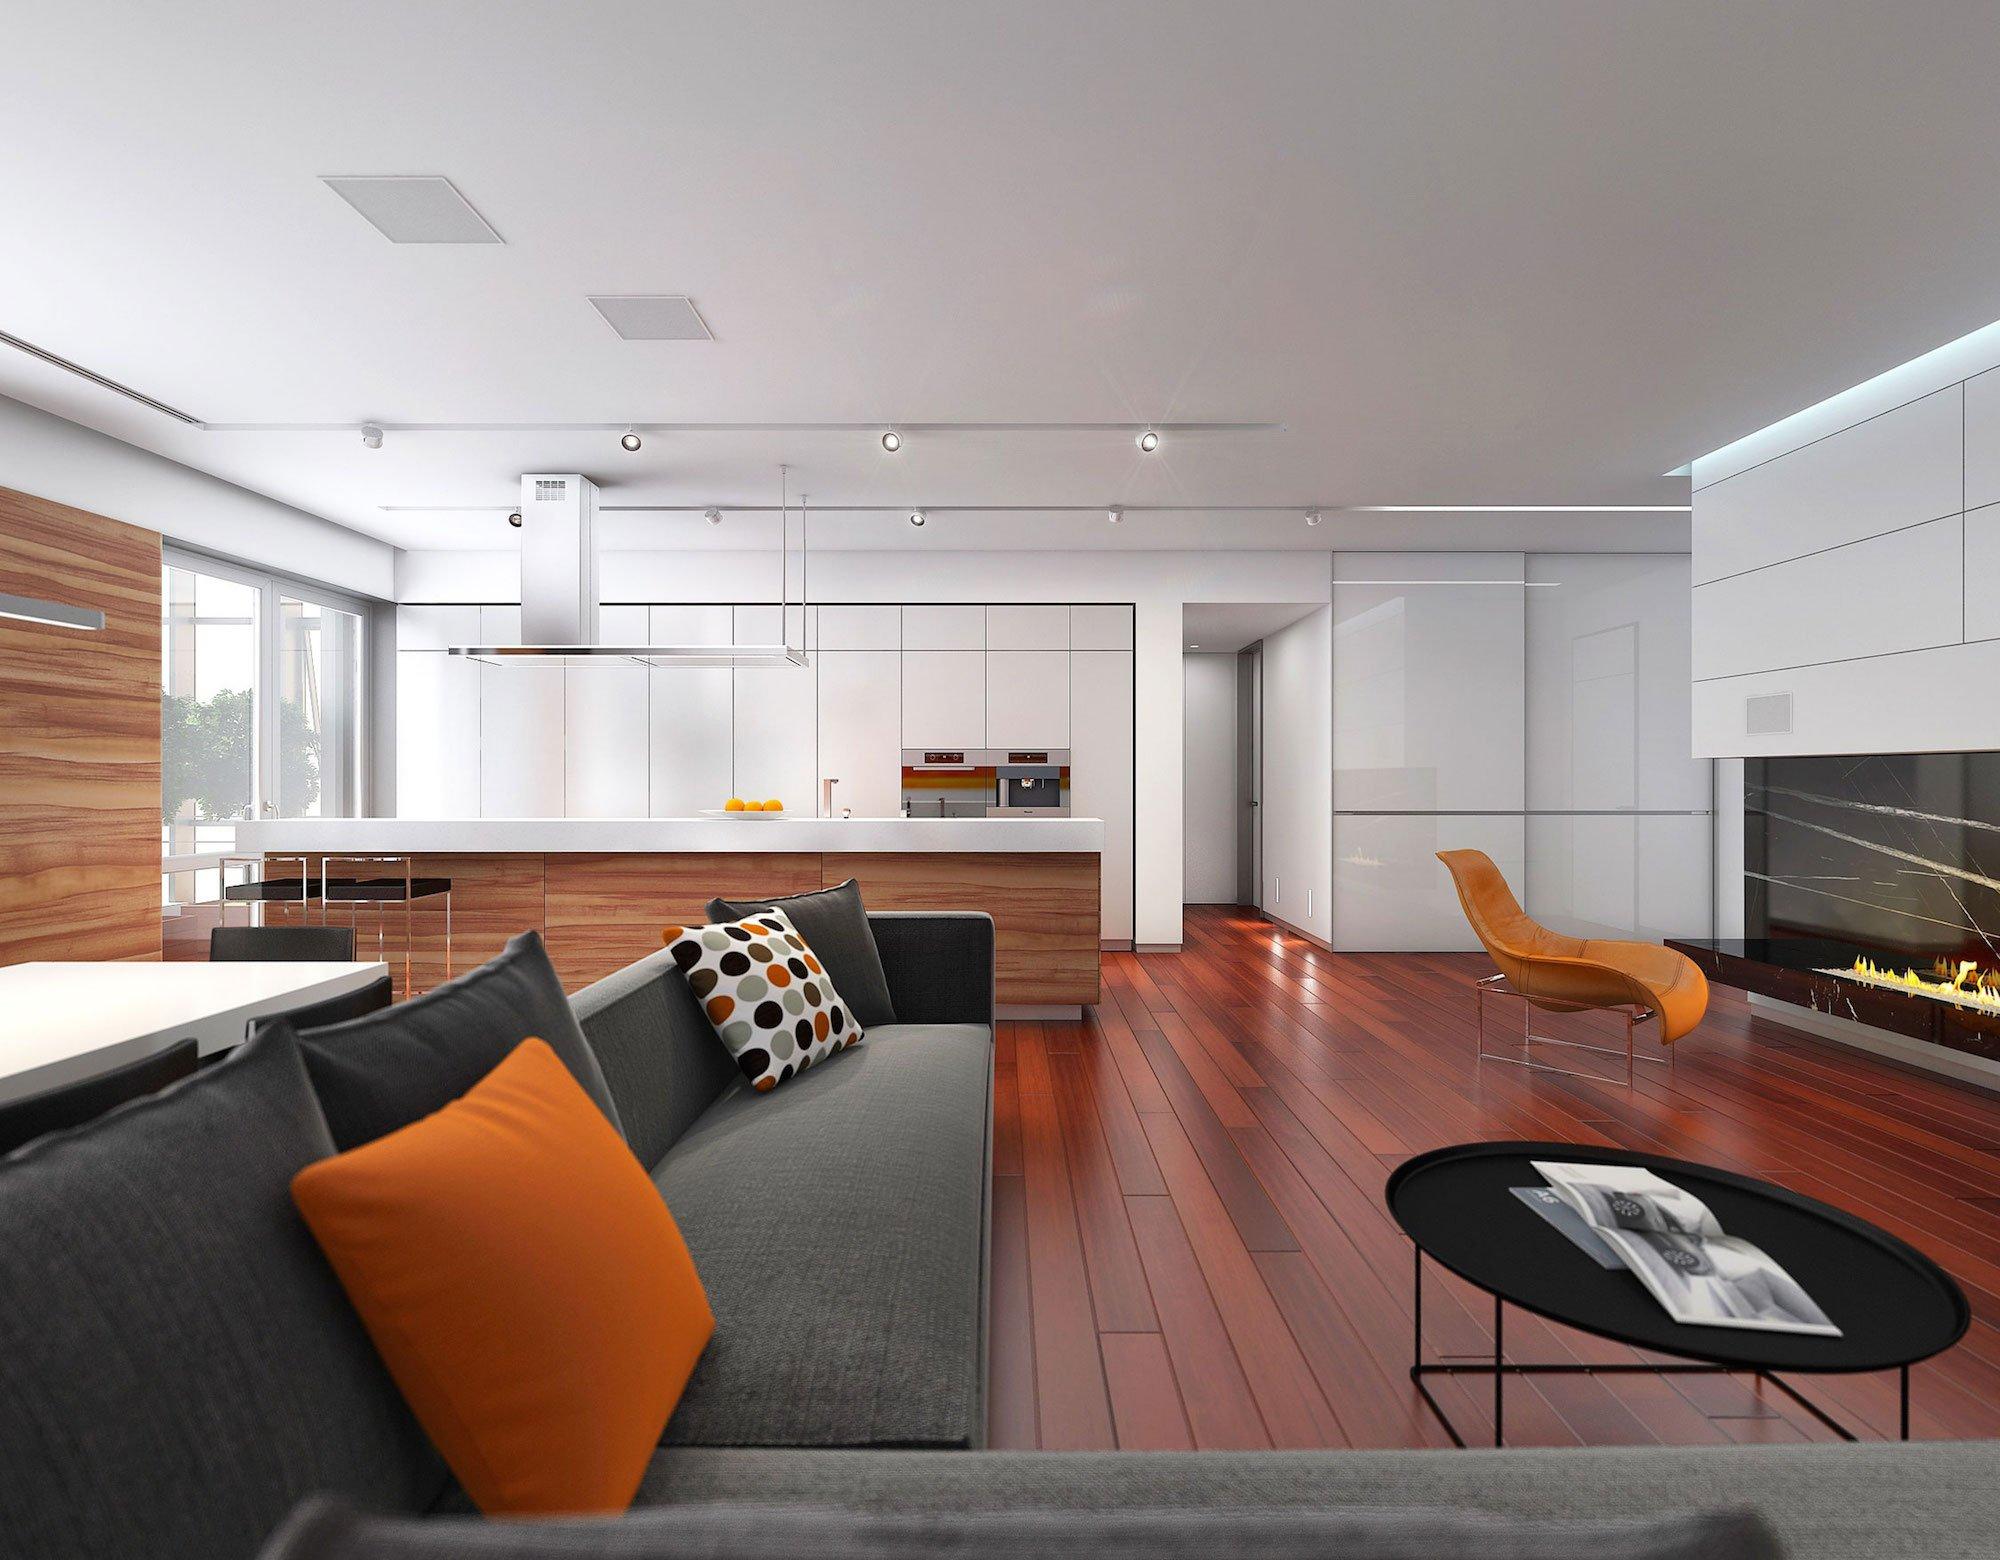 Dise o de sala y cocina comedor construye hogar for Planos de cocina y comedor